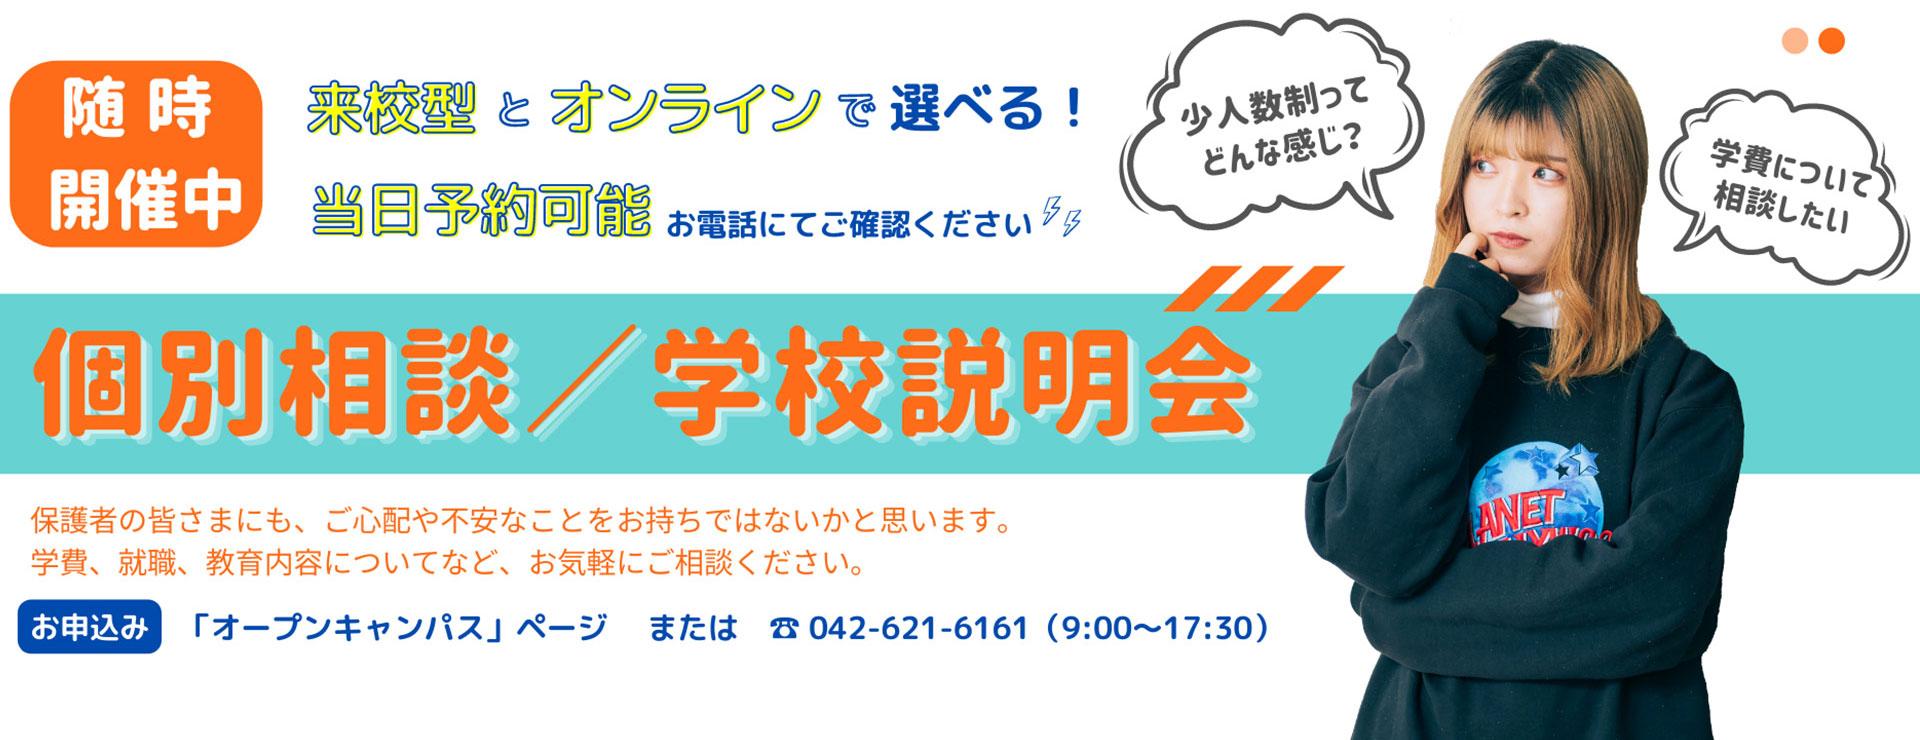 好きの気持ちが未来につながる。Open Campus